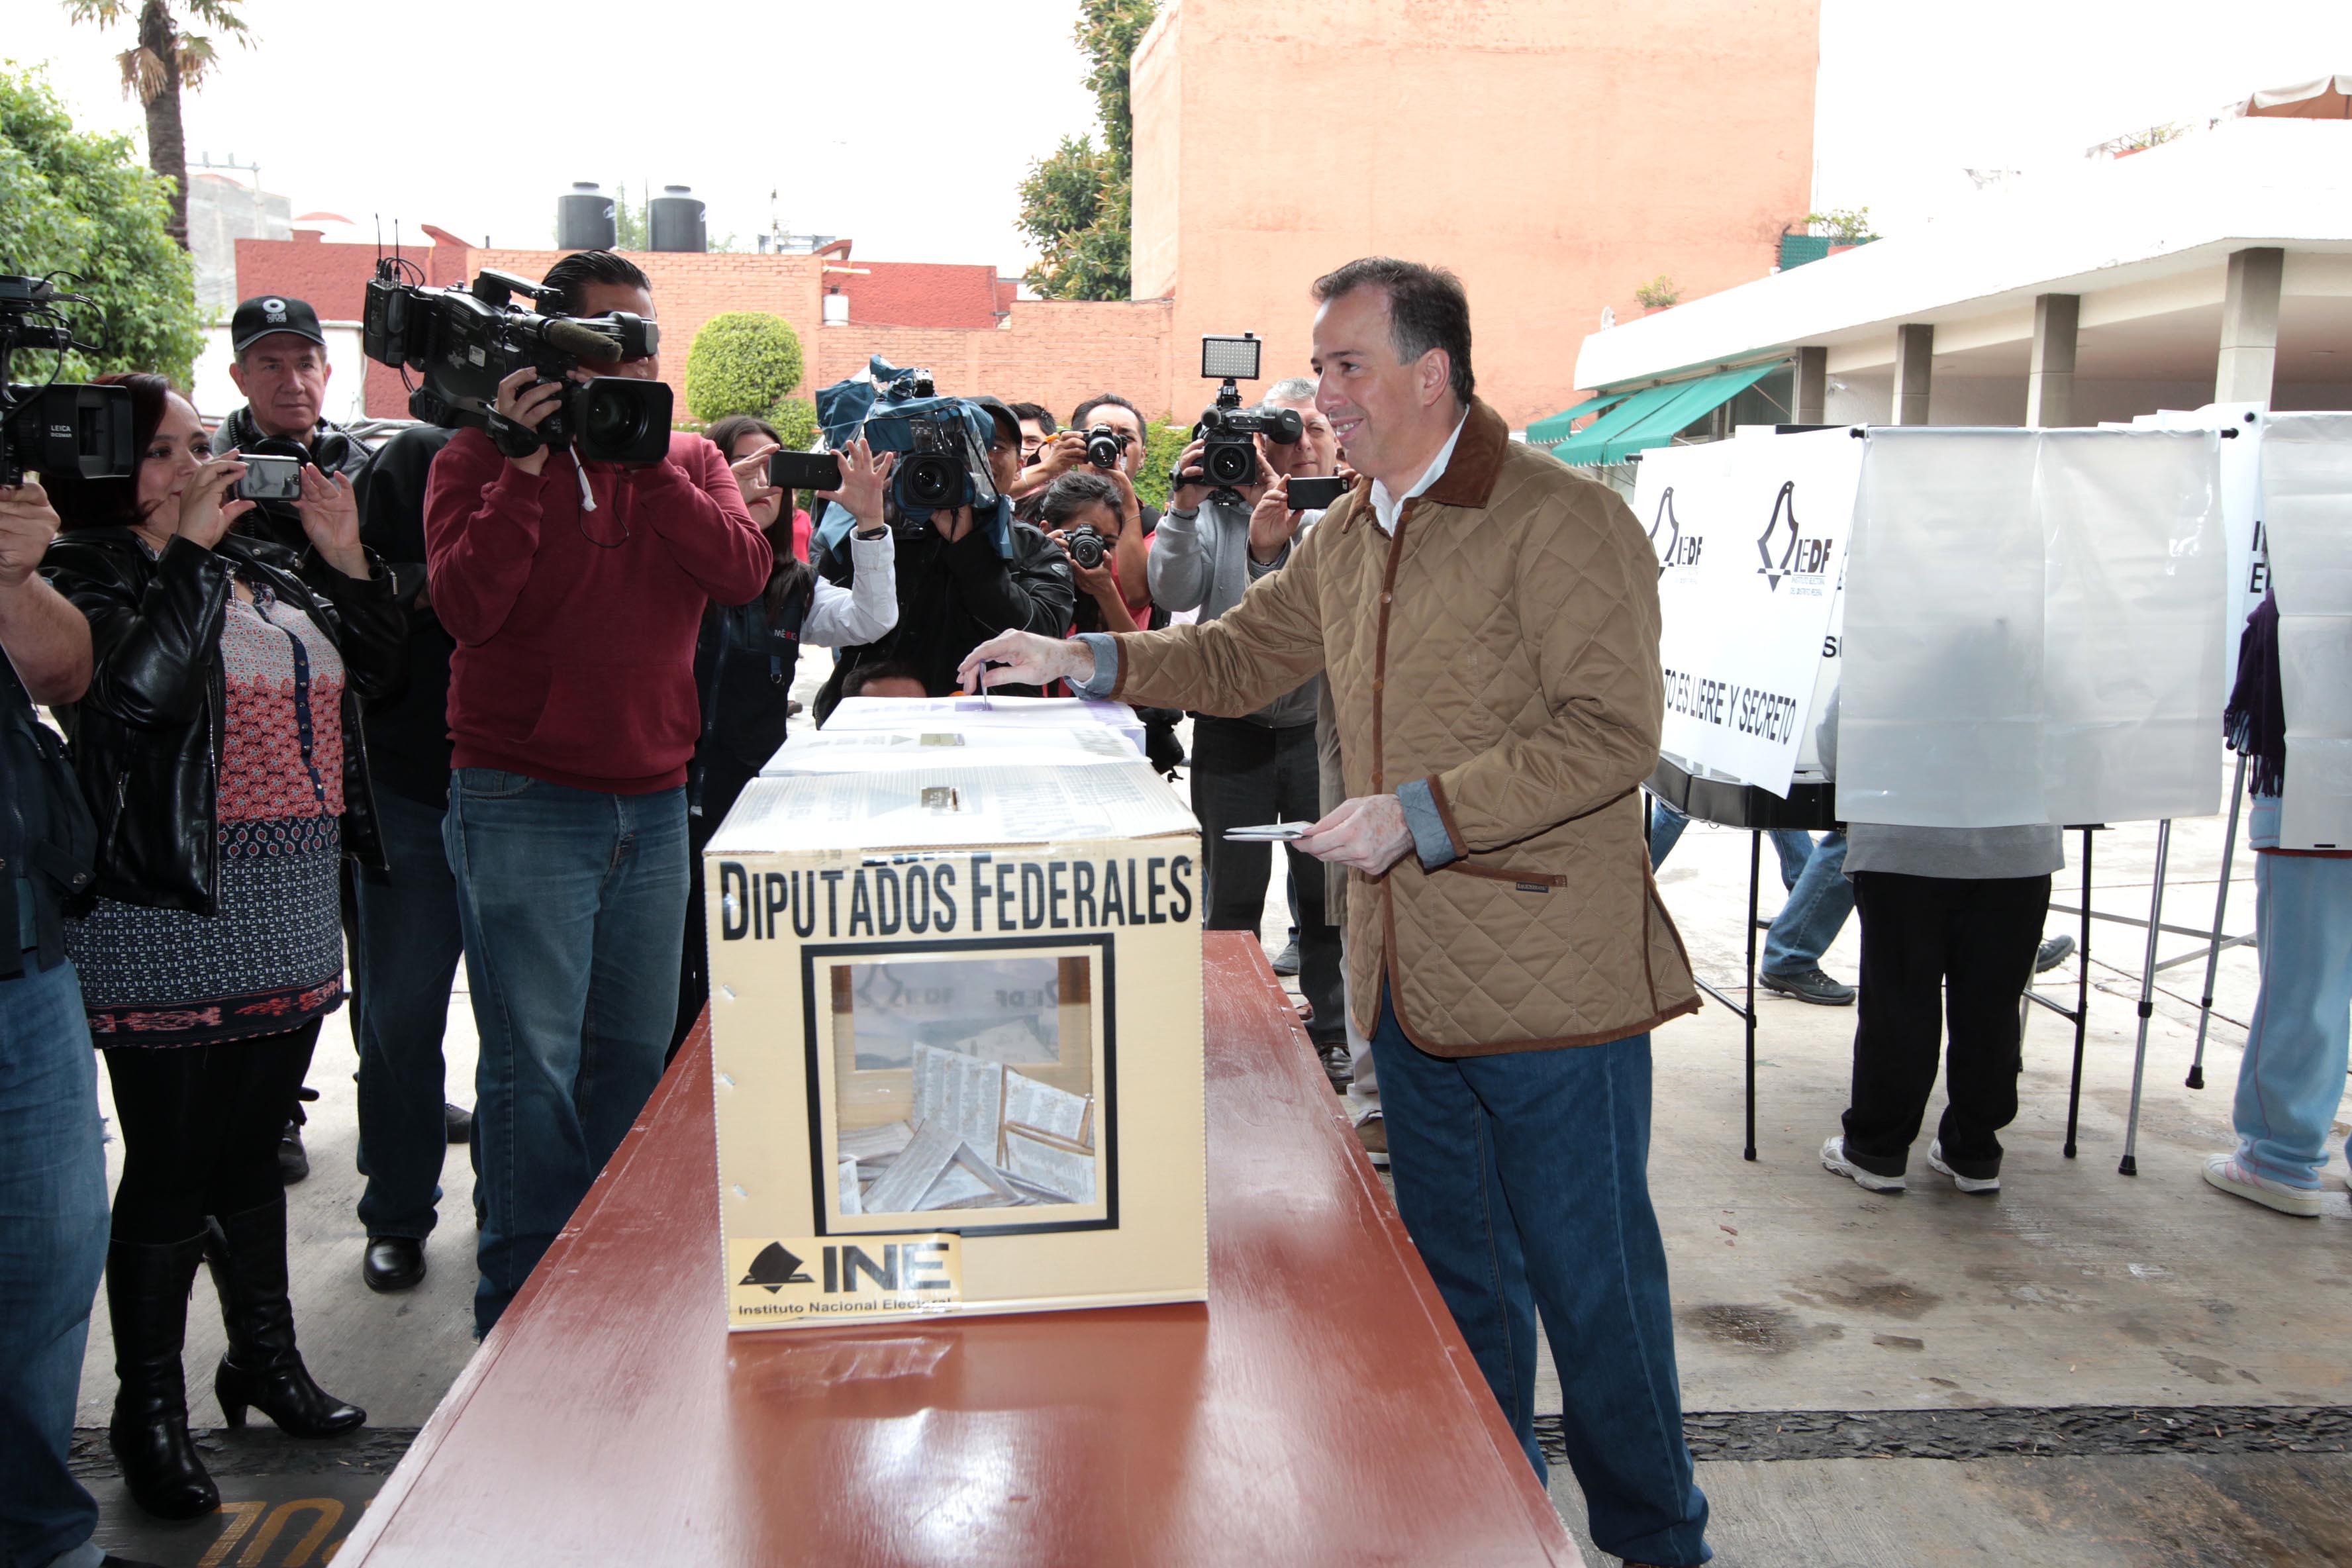 FOTO 2 Canciller Jos  Antonio M ade acudi  a votar este 7 de juniojpg